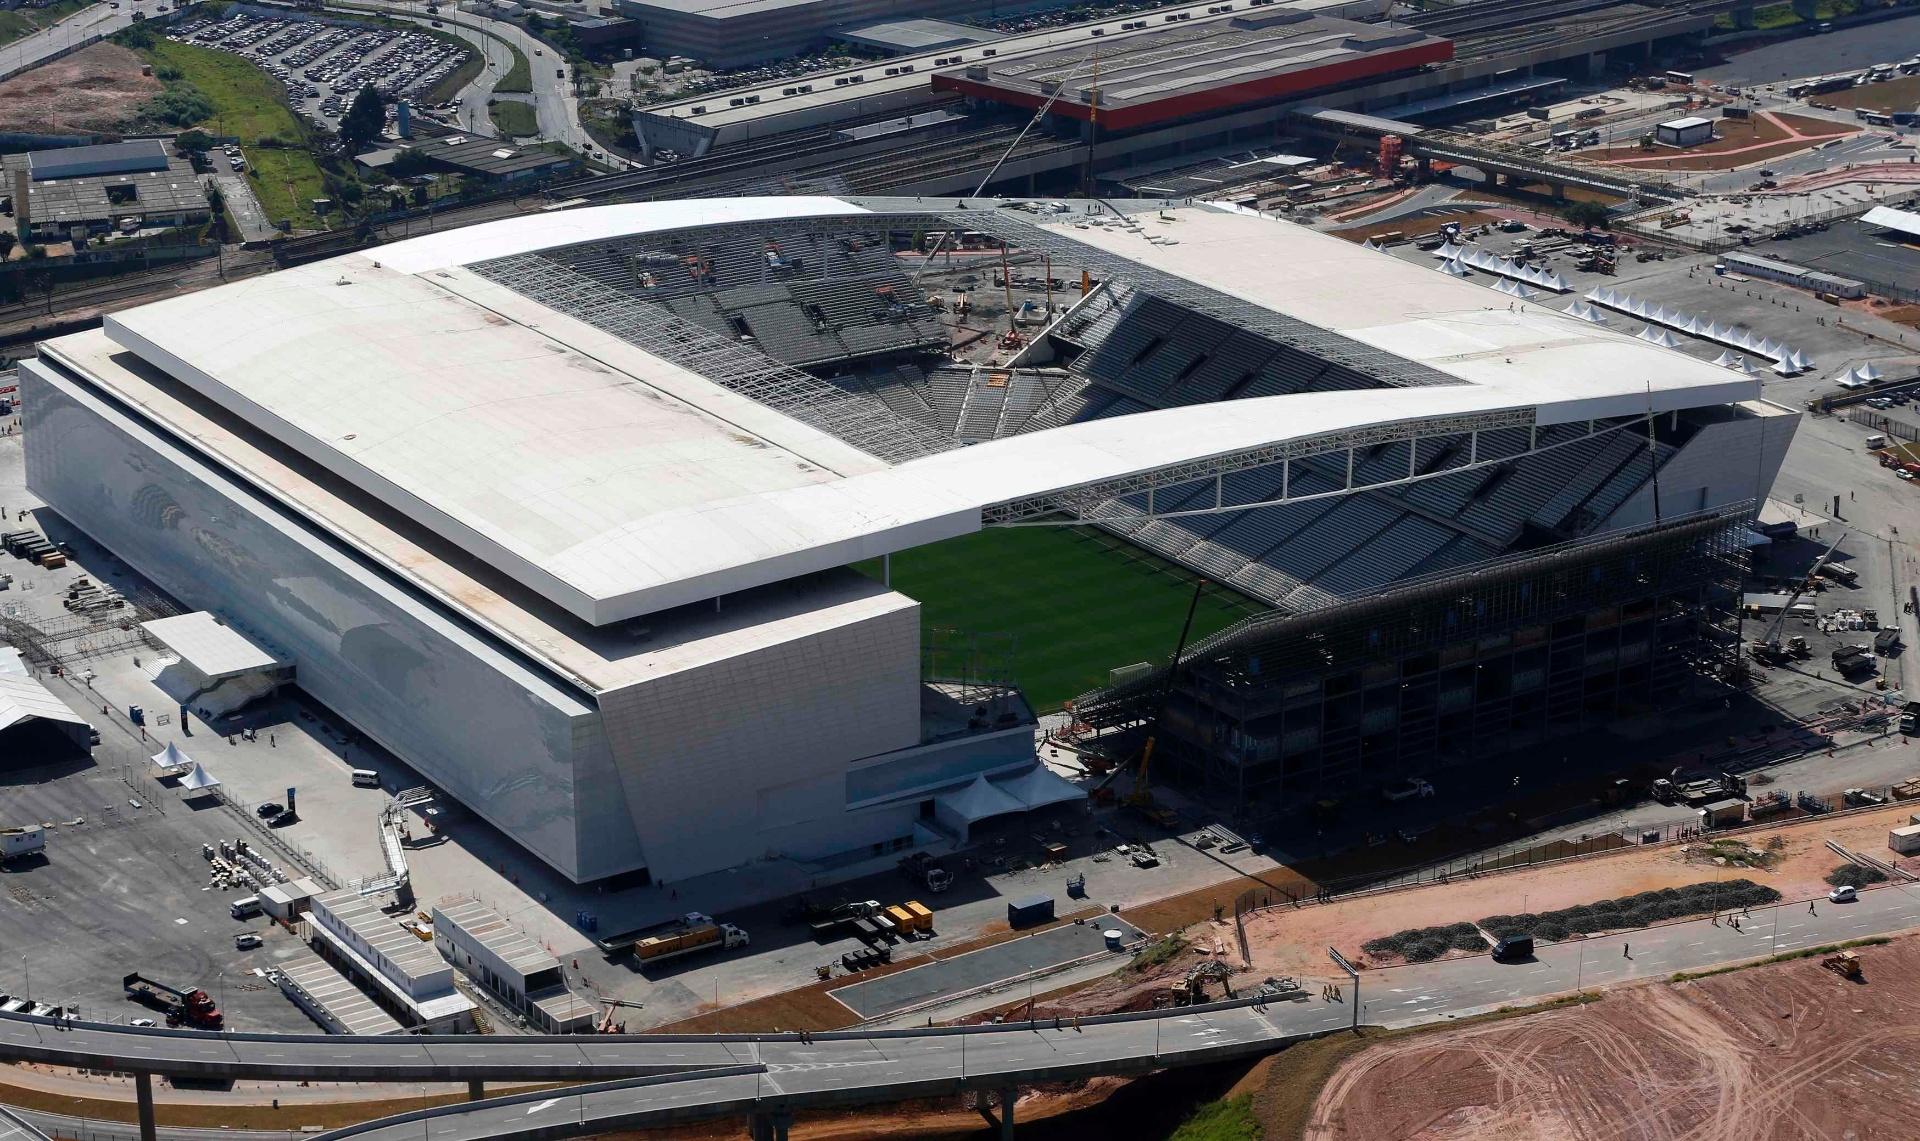 19d137c9bc Corinthians confirma queda de teto na Arena e diz que já iniciou reparos -  23 02 2016 - UOL Esporte